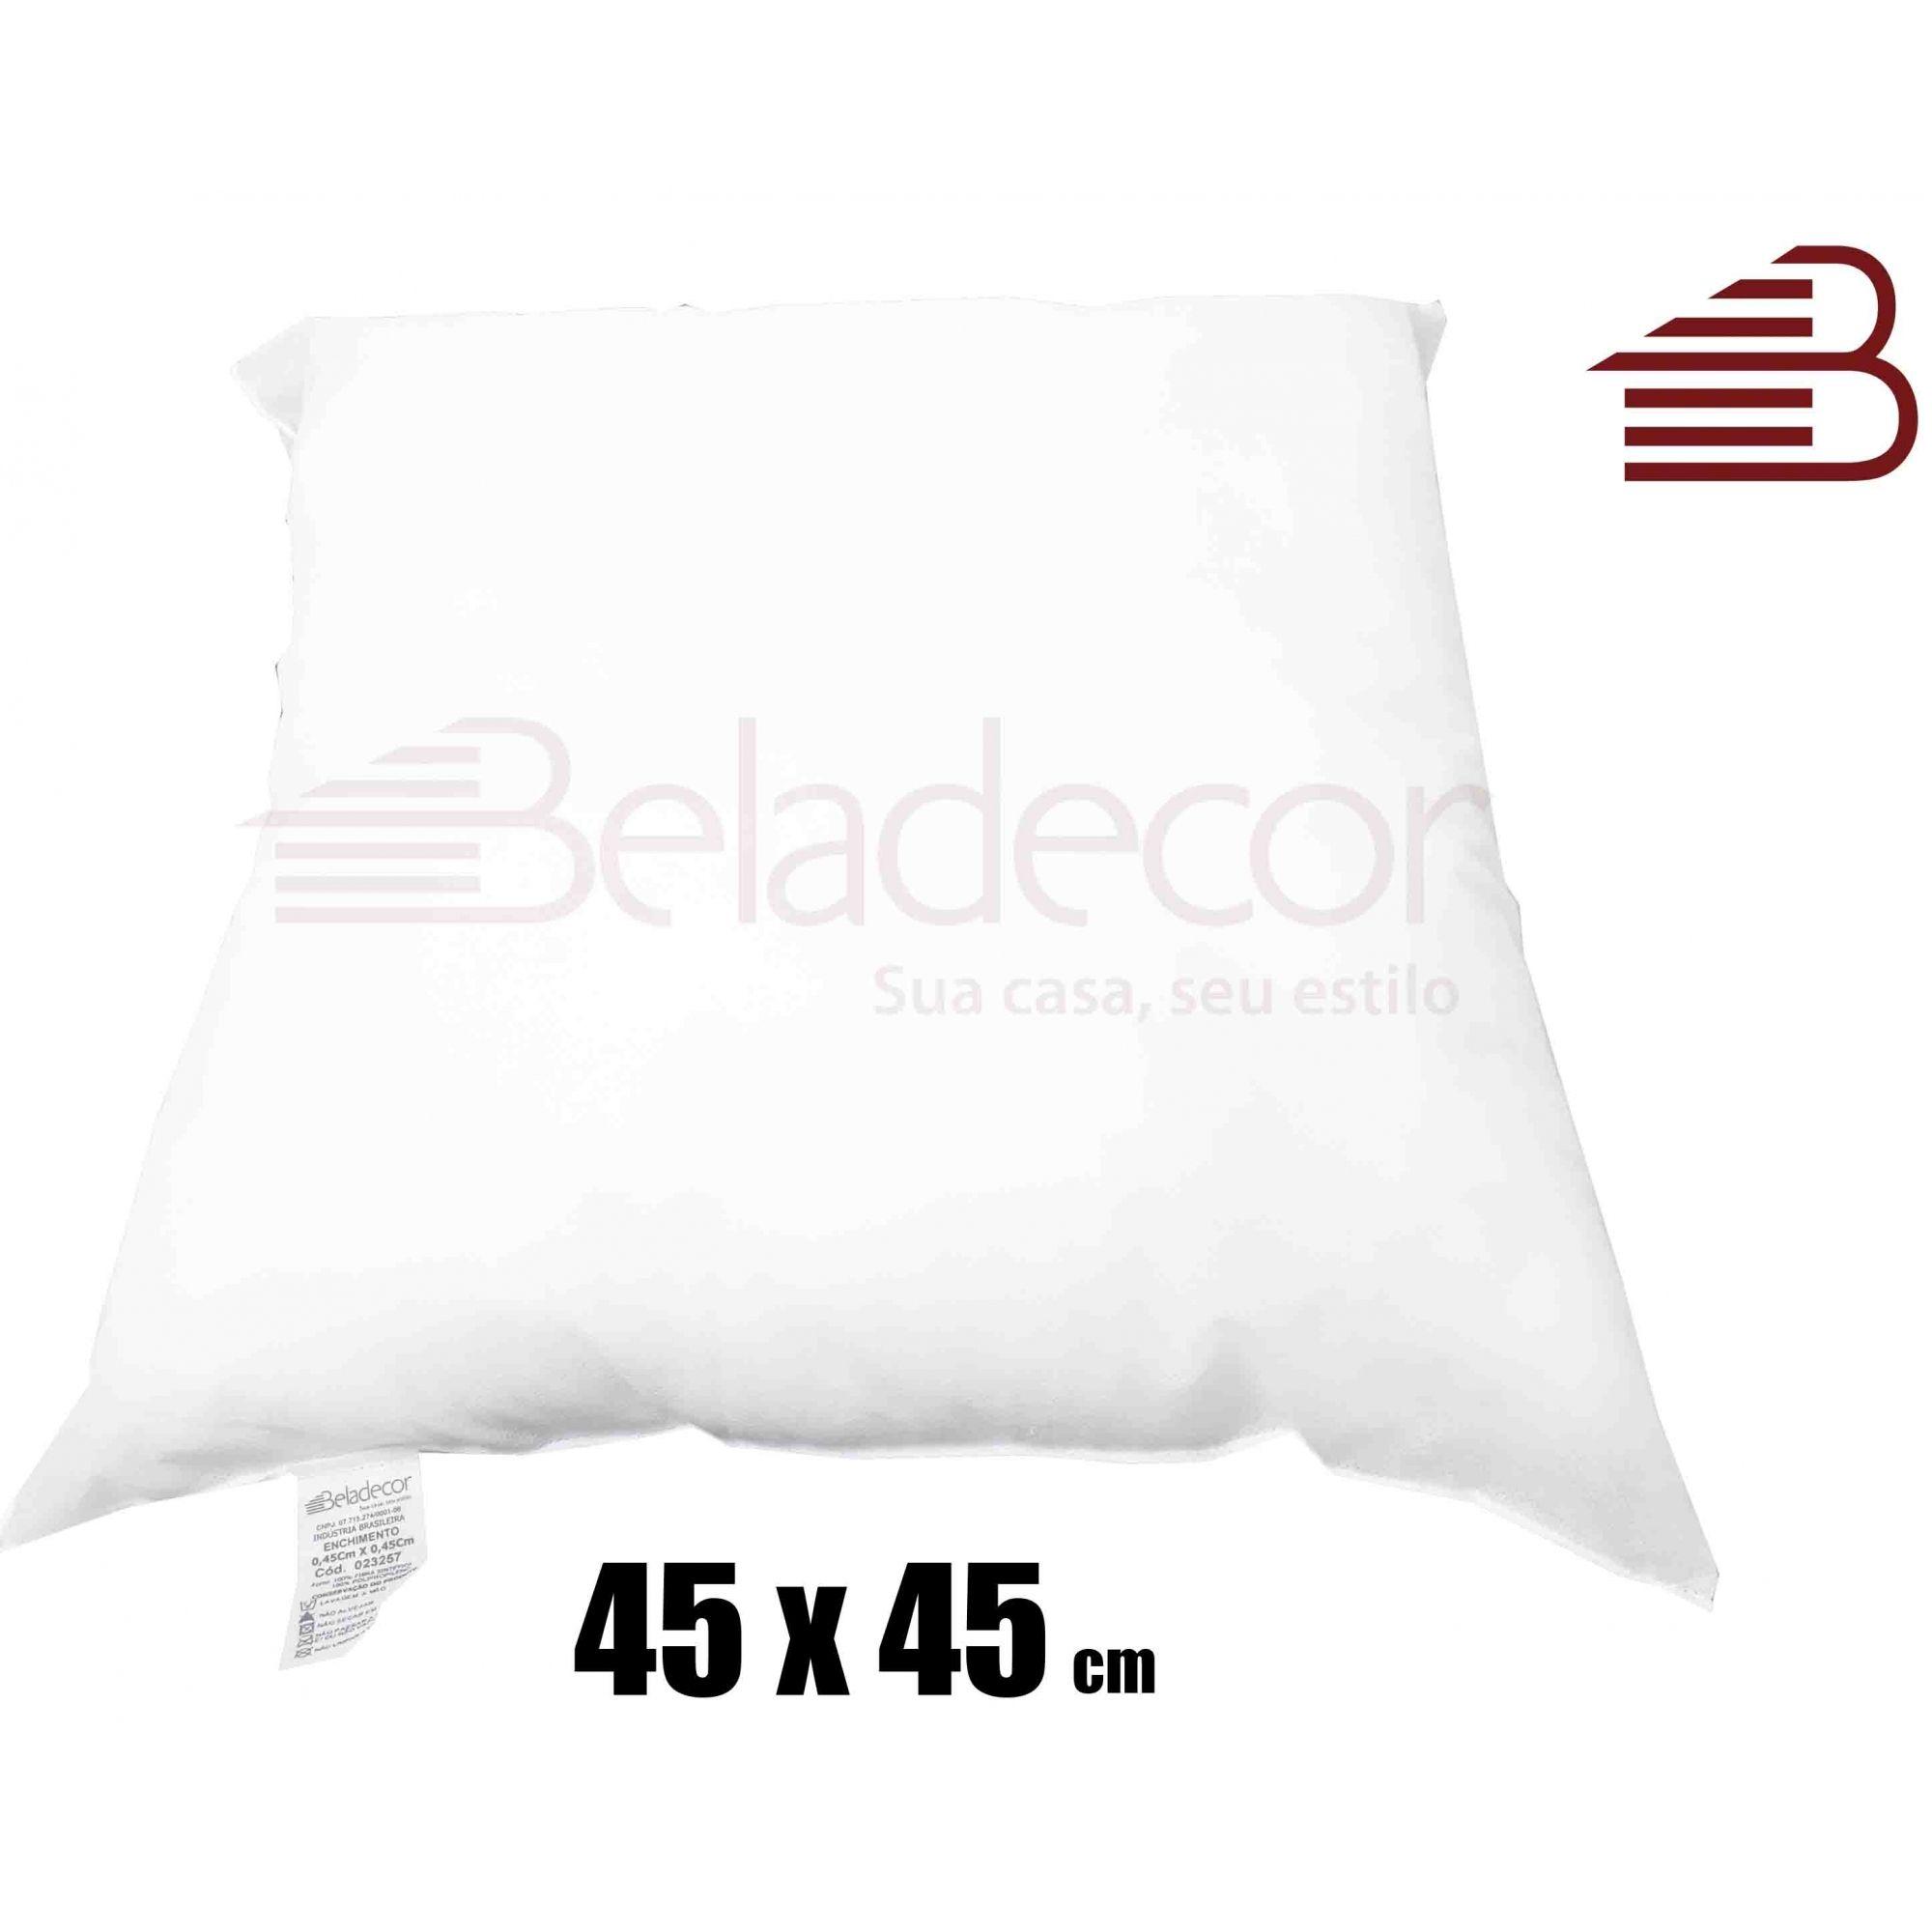 KIT 2 CAPAS DE ALMOFADA SOFISTICATTA + 2 ENCHIMENTOS 45X45